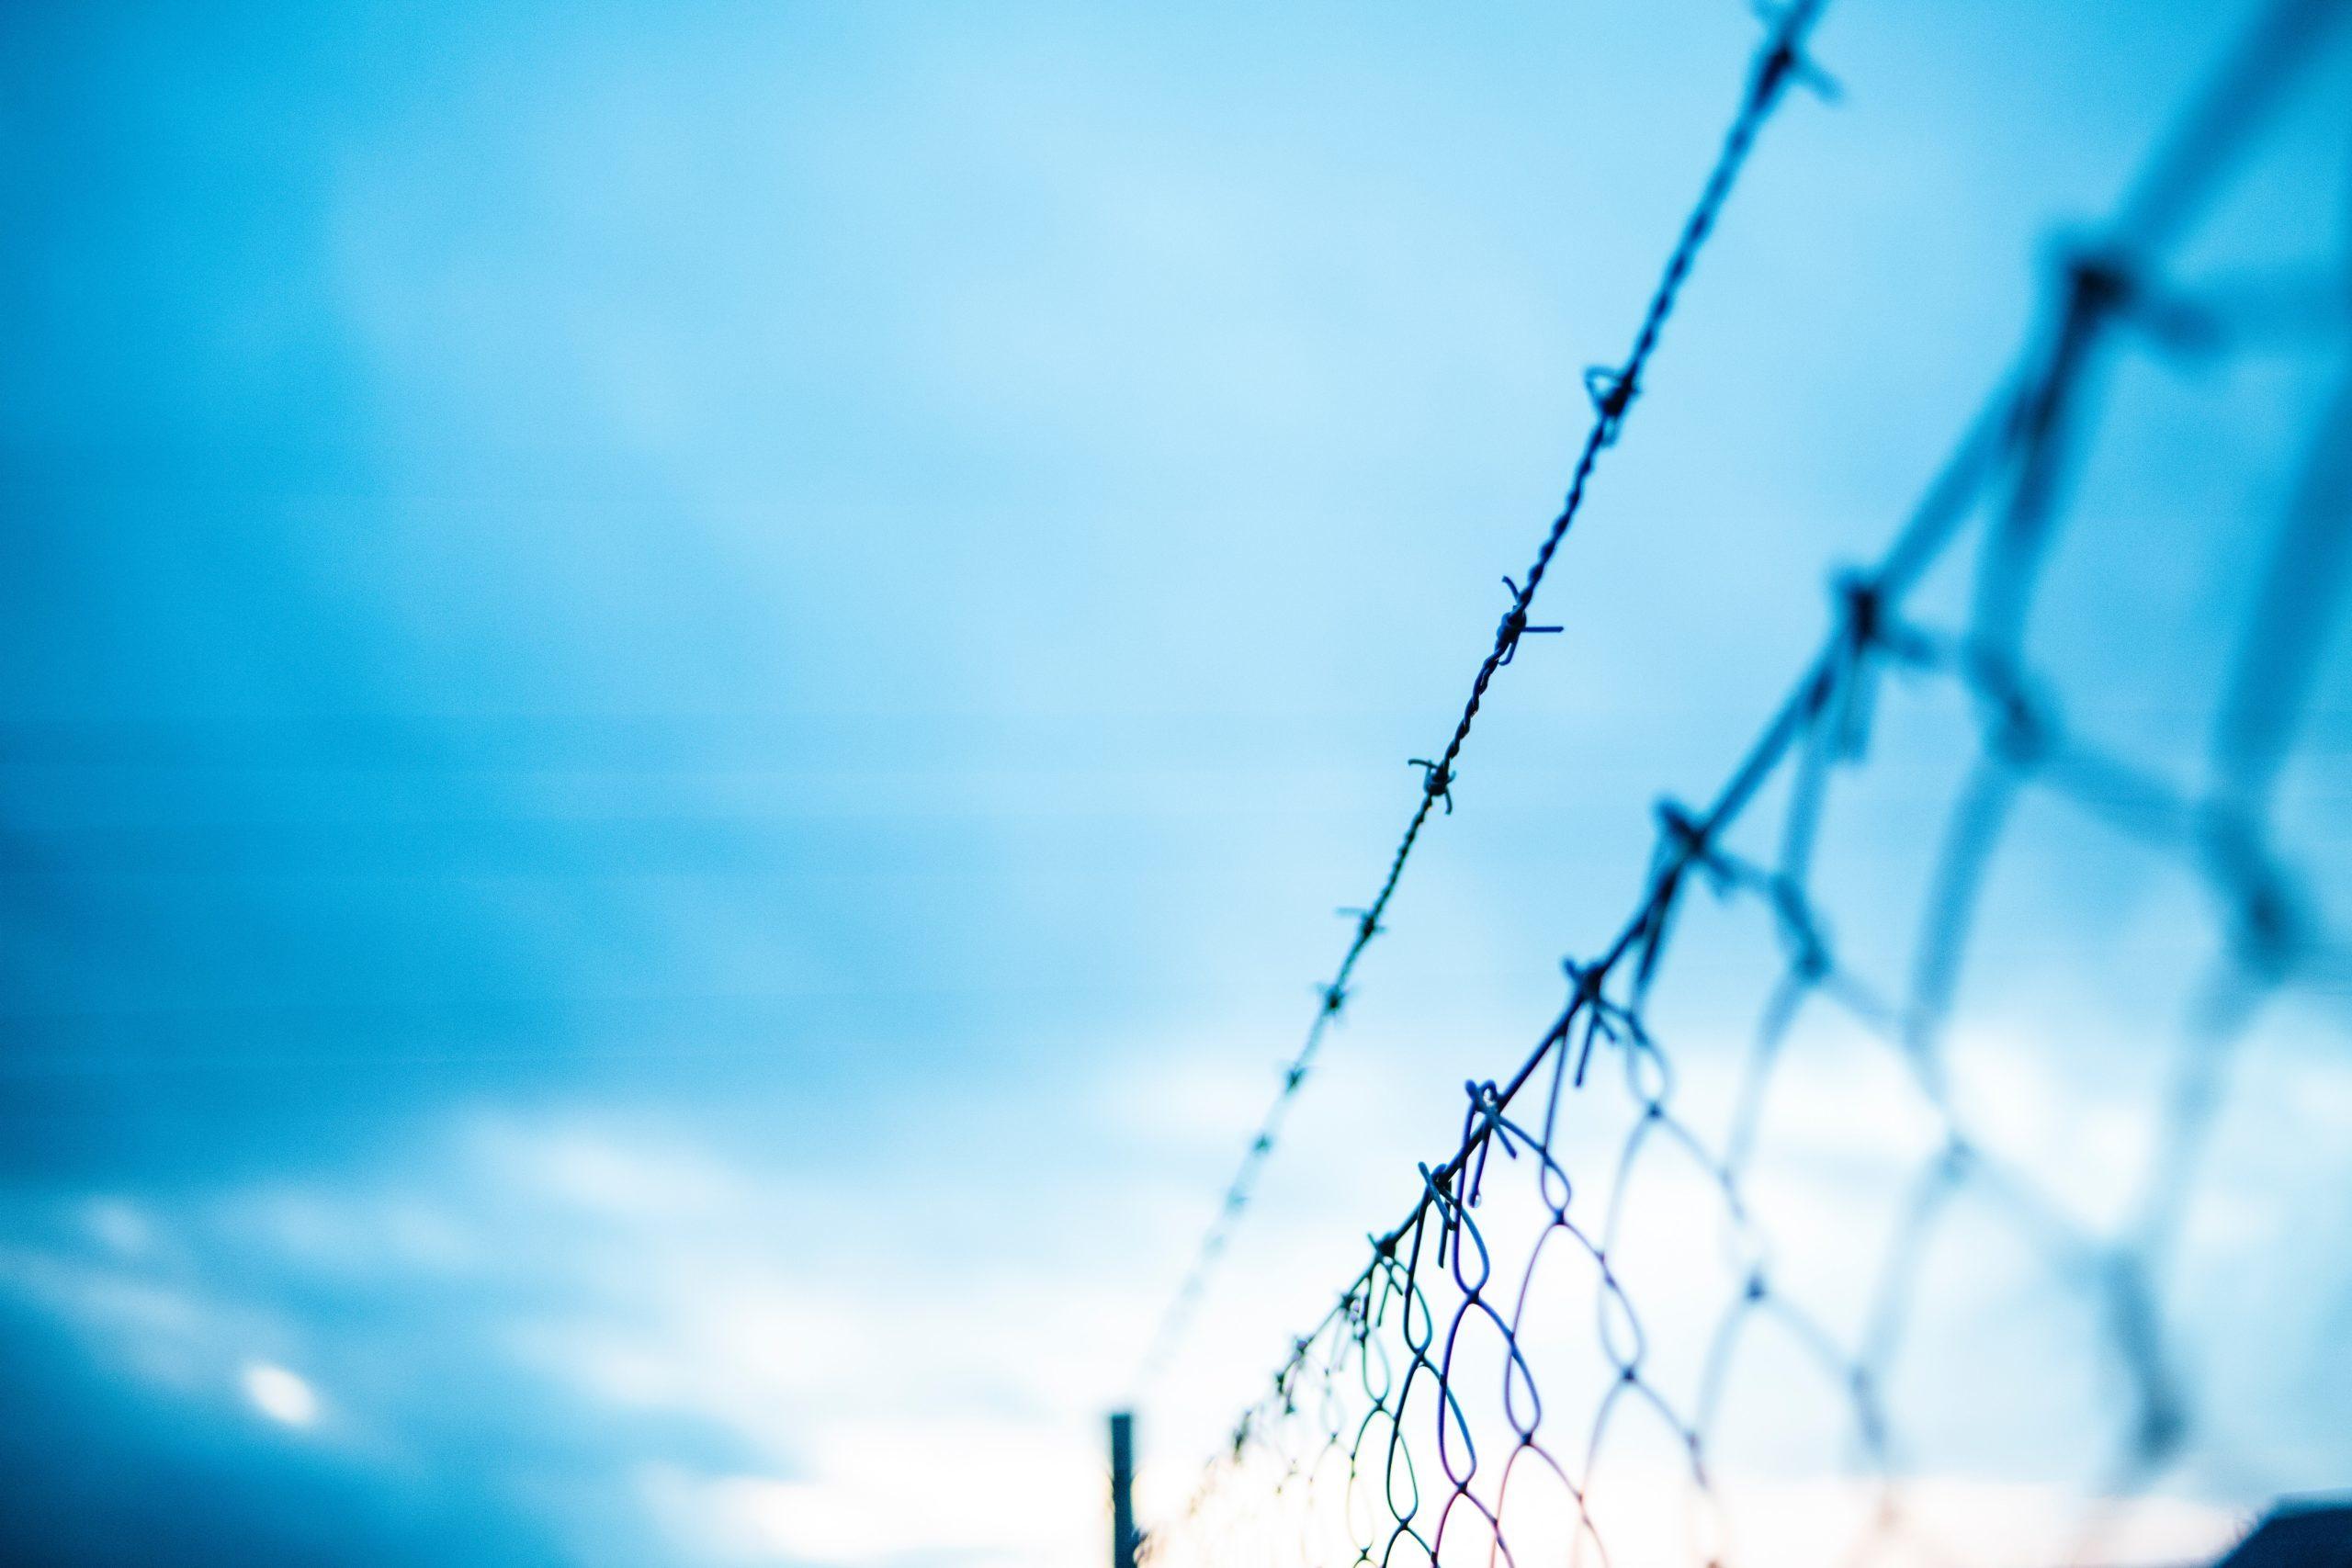 Taggtrådsstängsel mot blå himmel